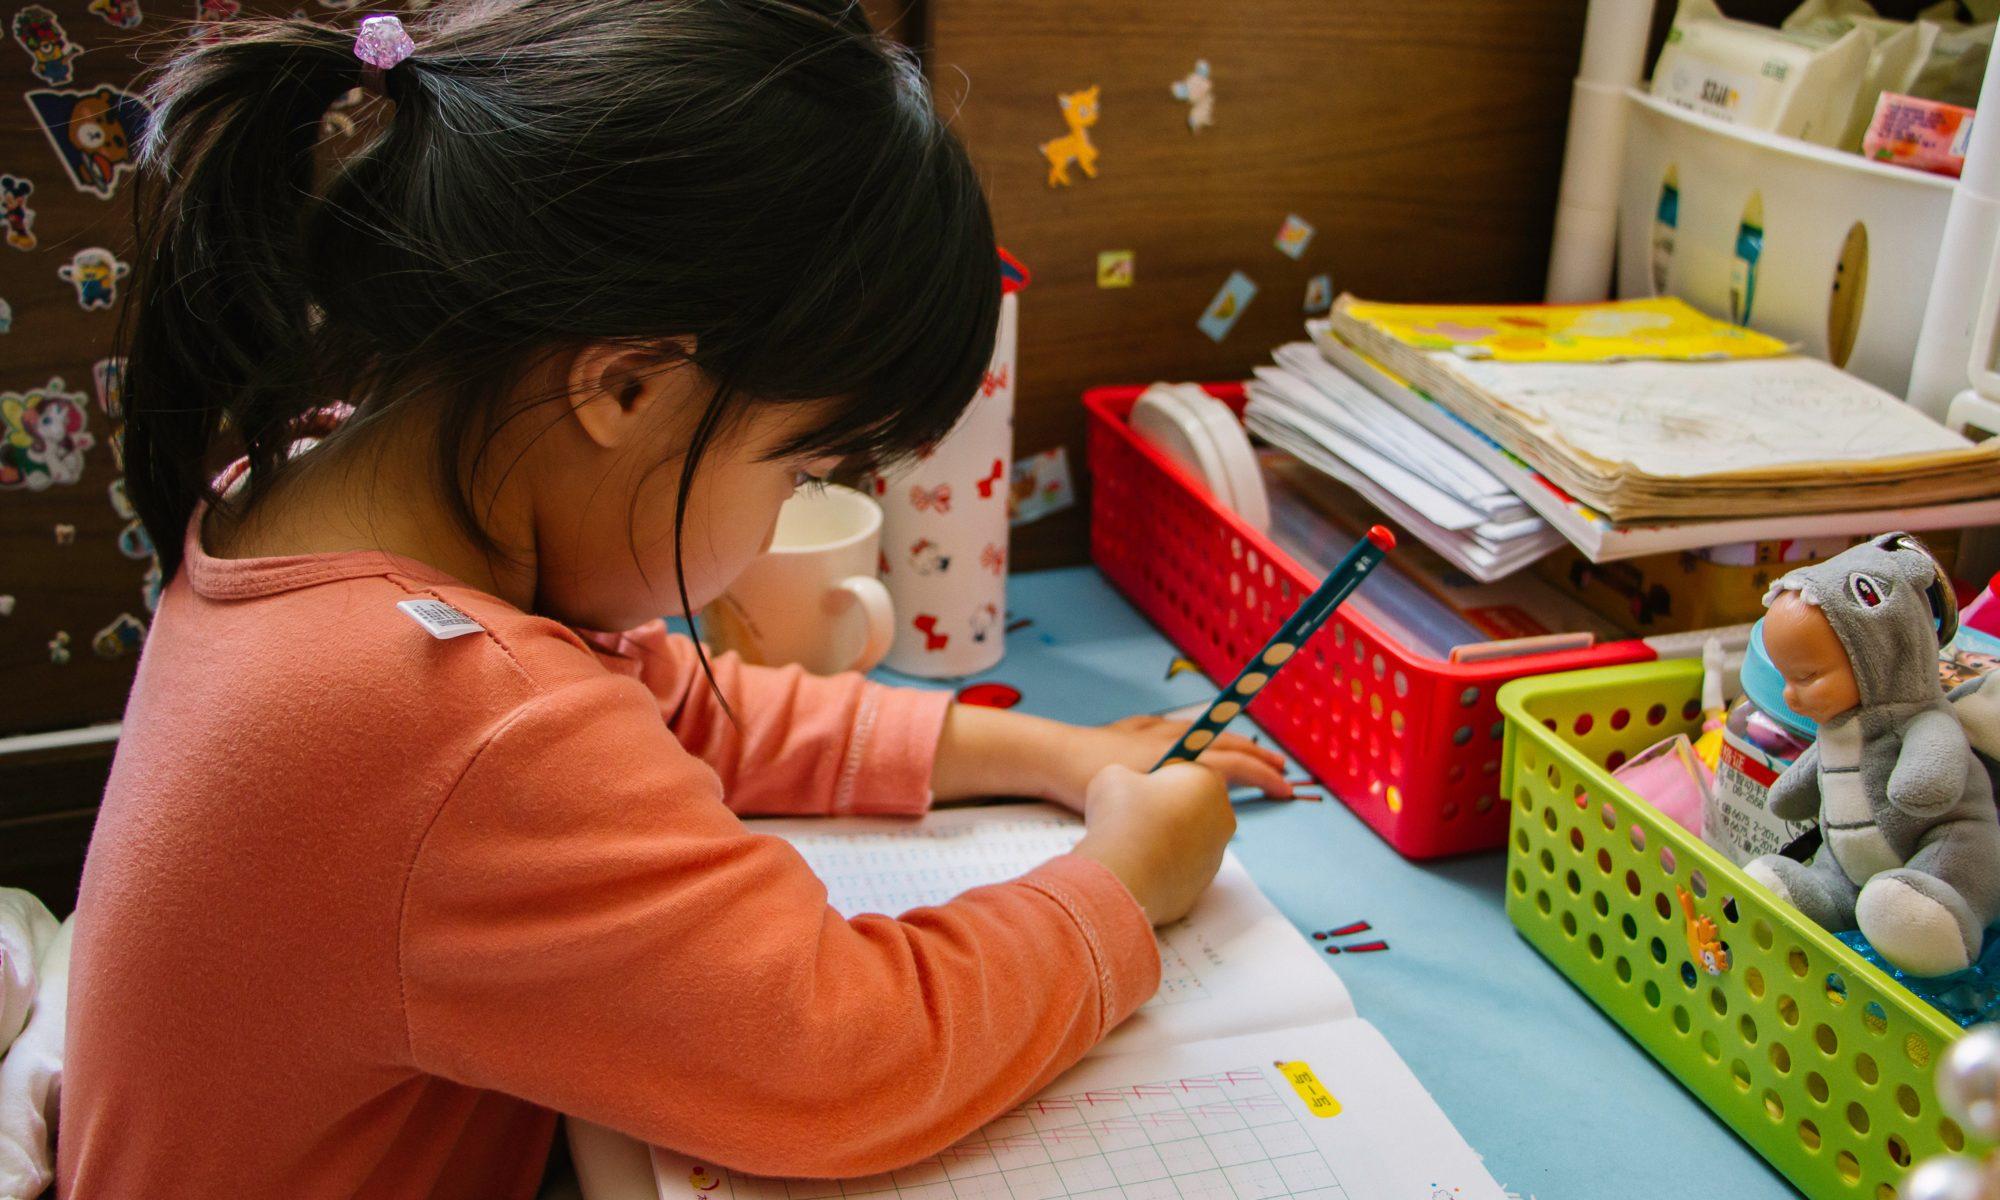 jason sung xH04gkmk1sg unsplash 2000x1200 - Hartz IV: Nur jedes siebte Kind profitiert vom Bildungs- und Teilhabepaket